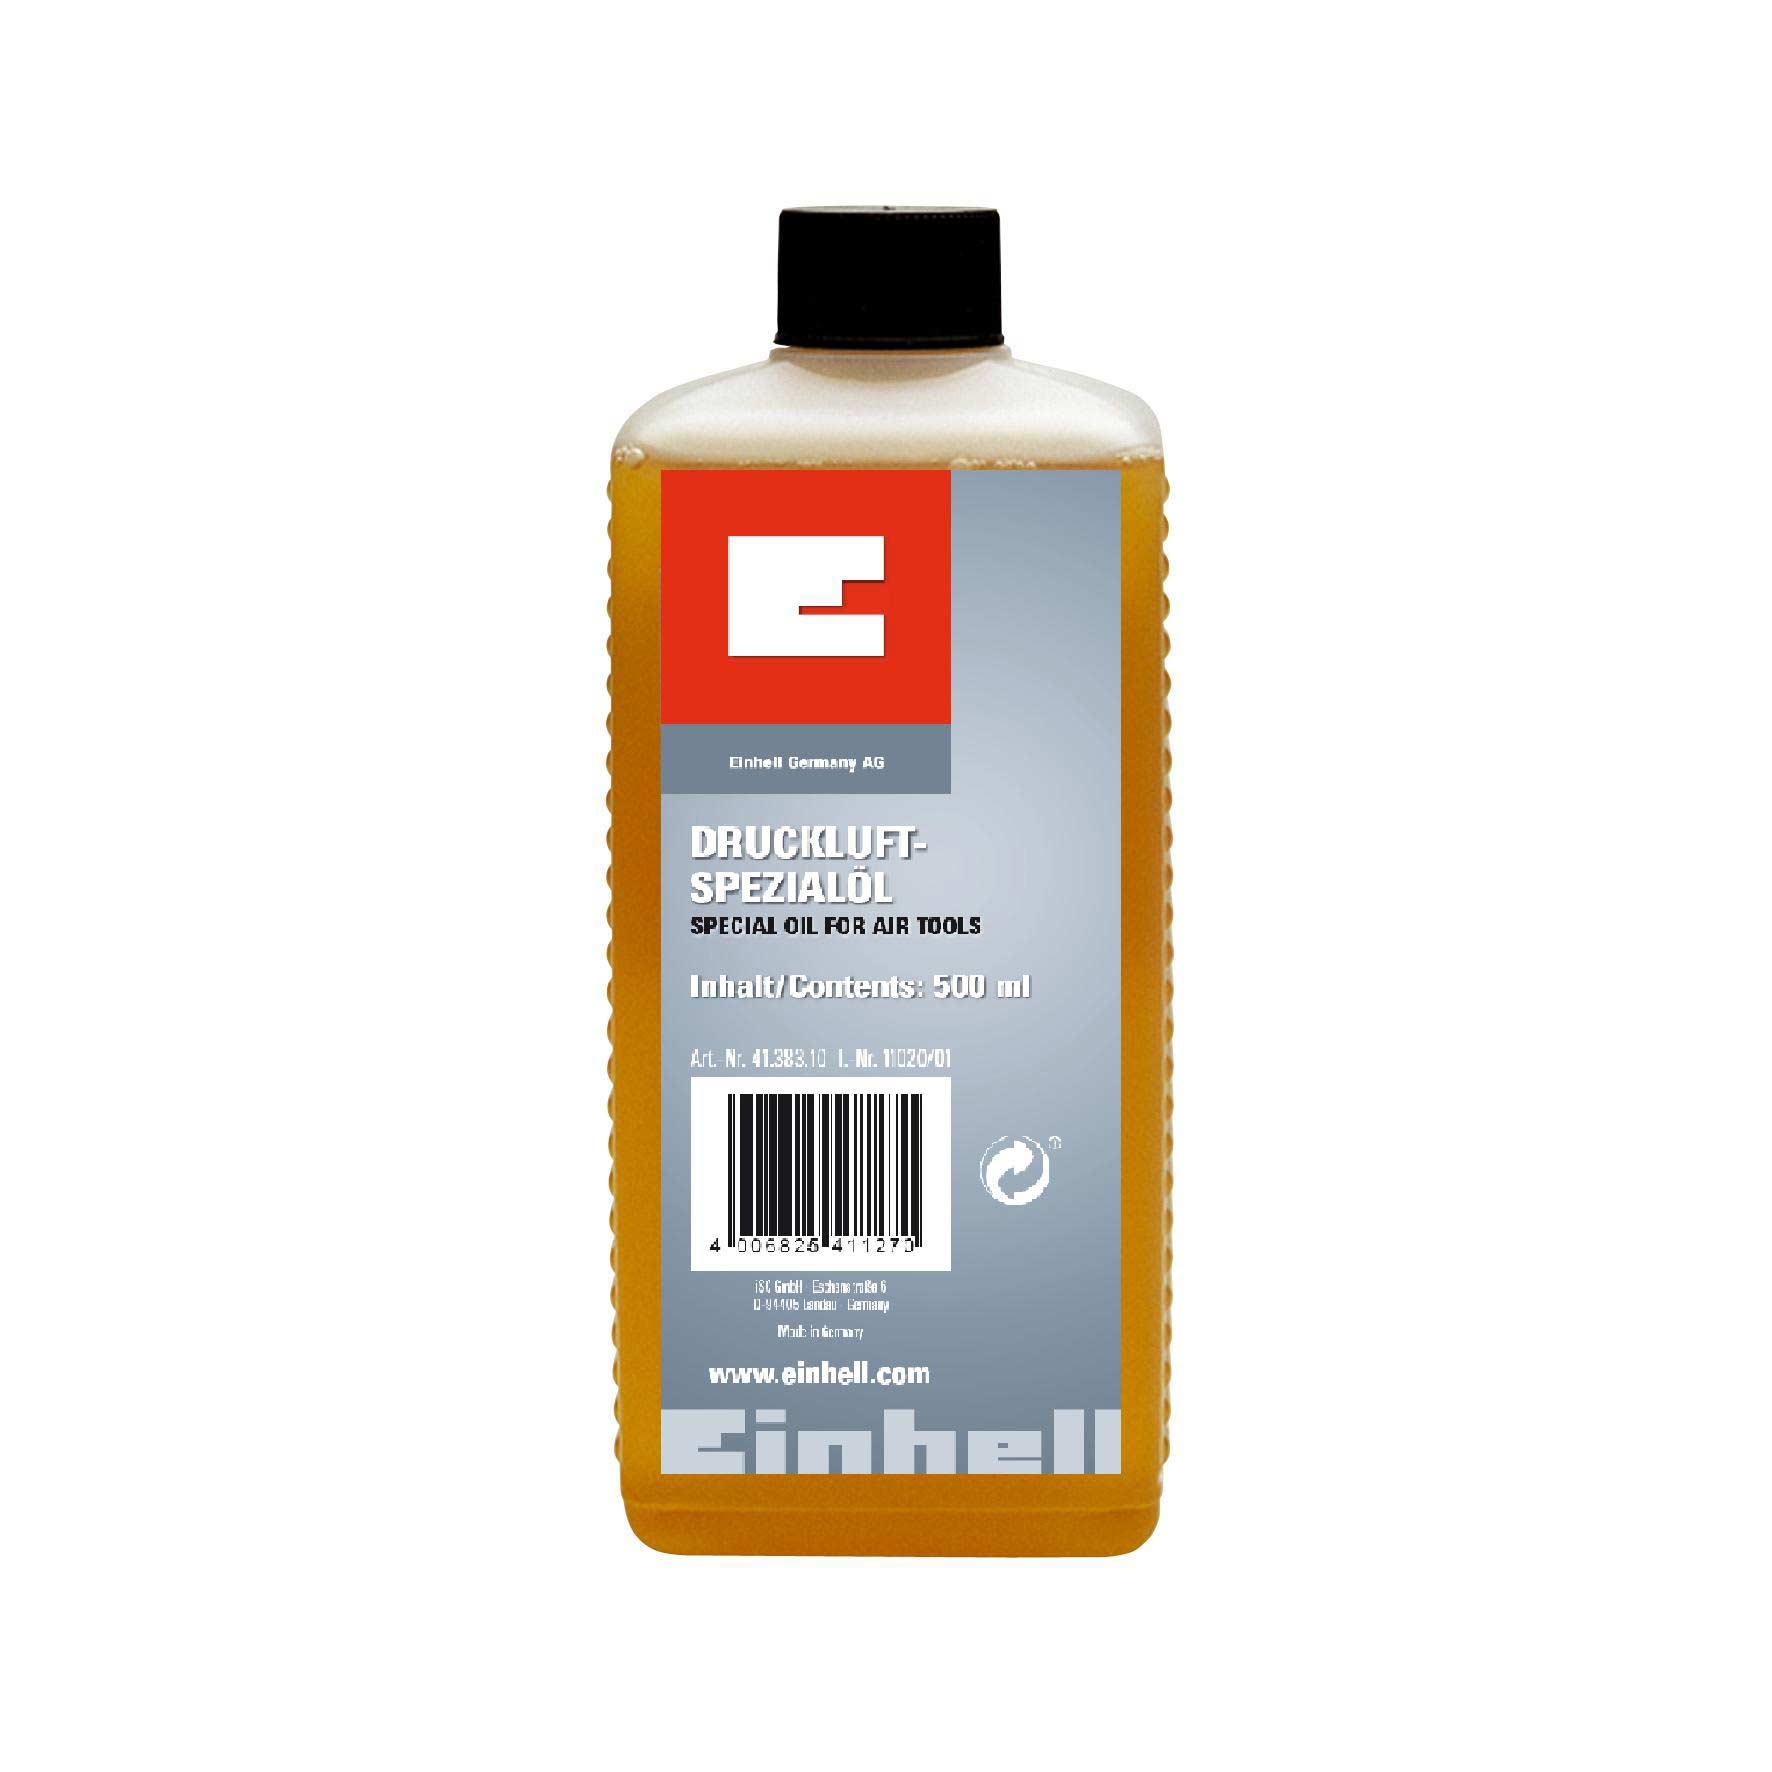 Einhell Spezialöl für Druckluft-Werkzeug 500 ml Bild 1